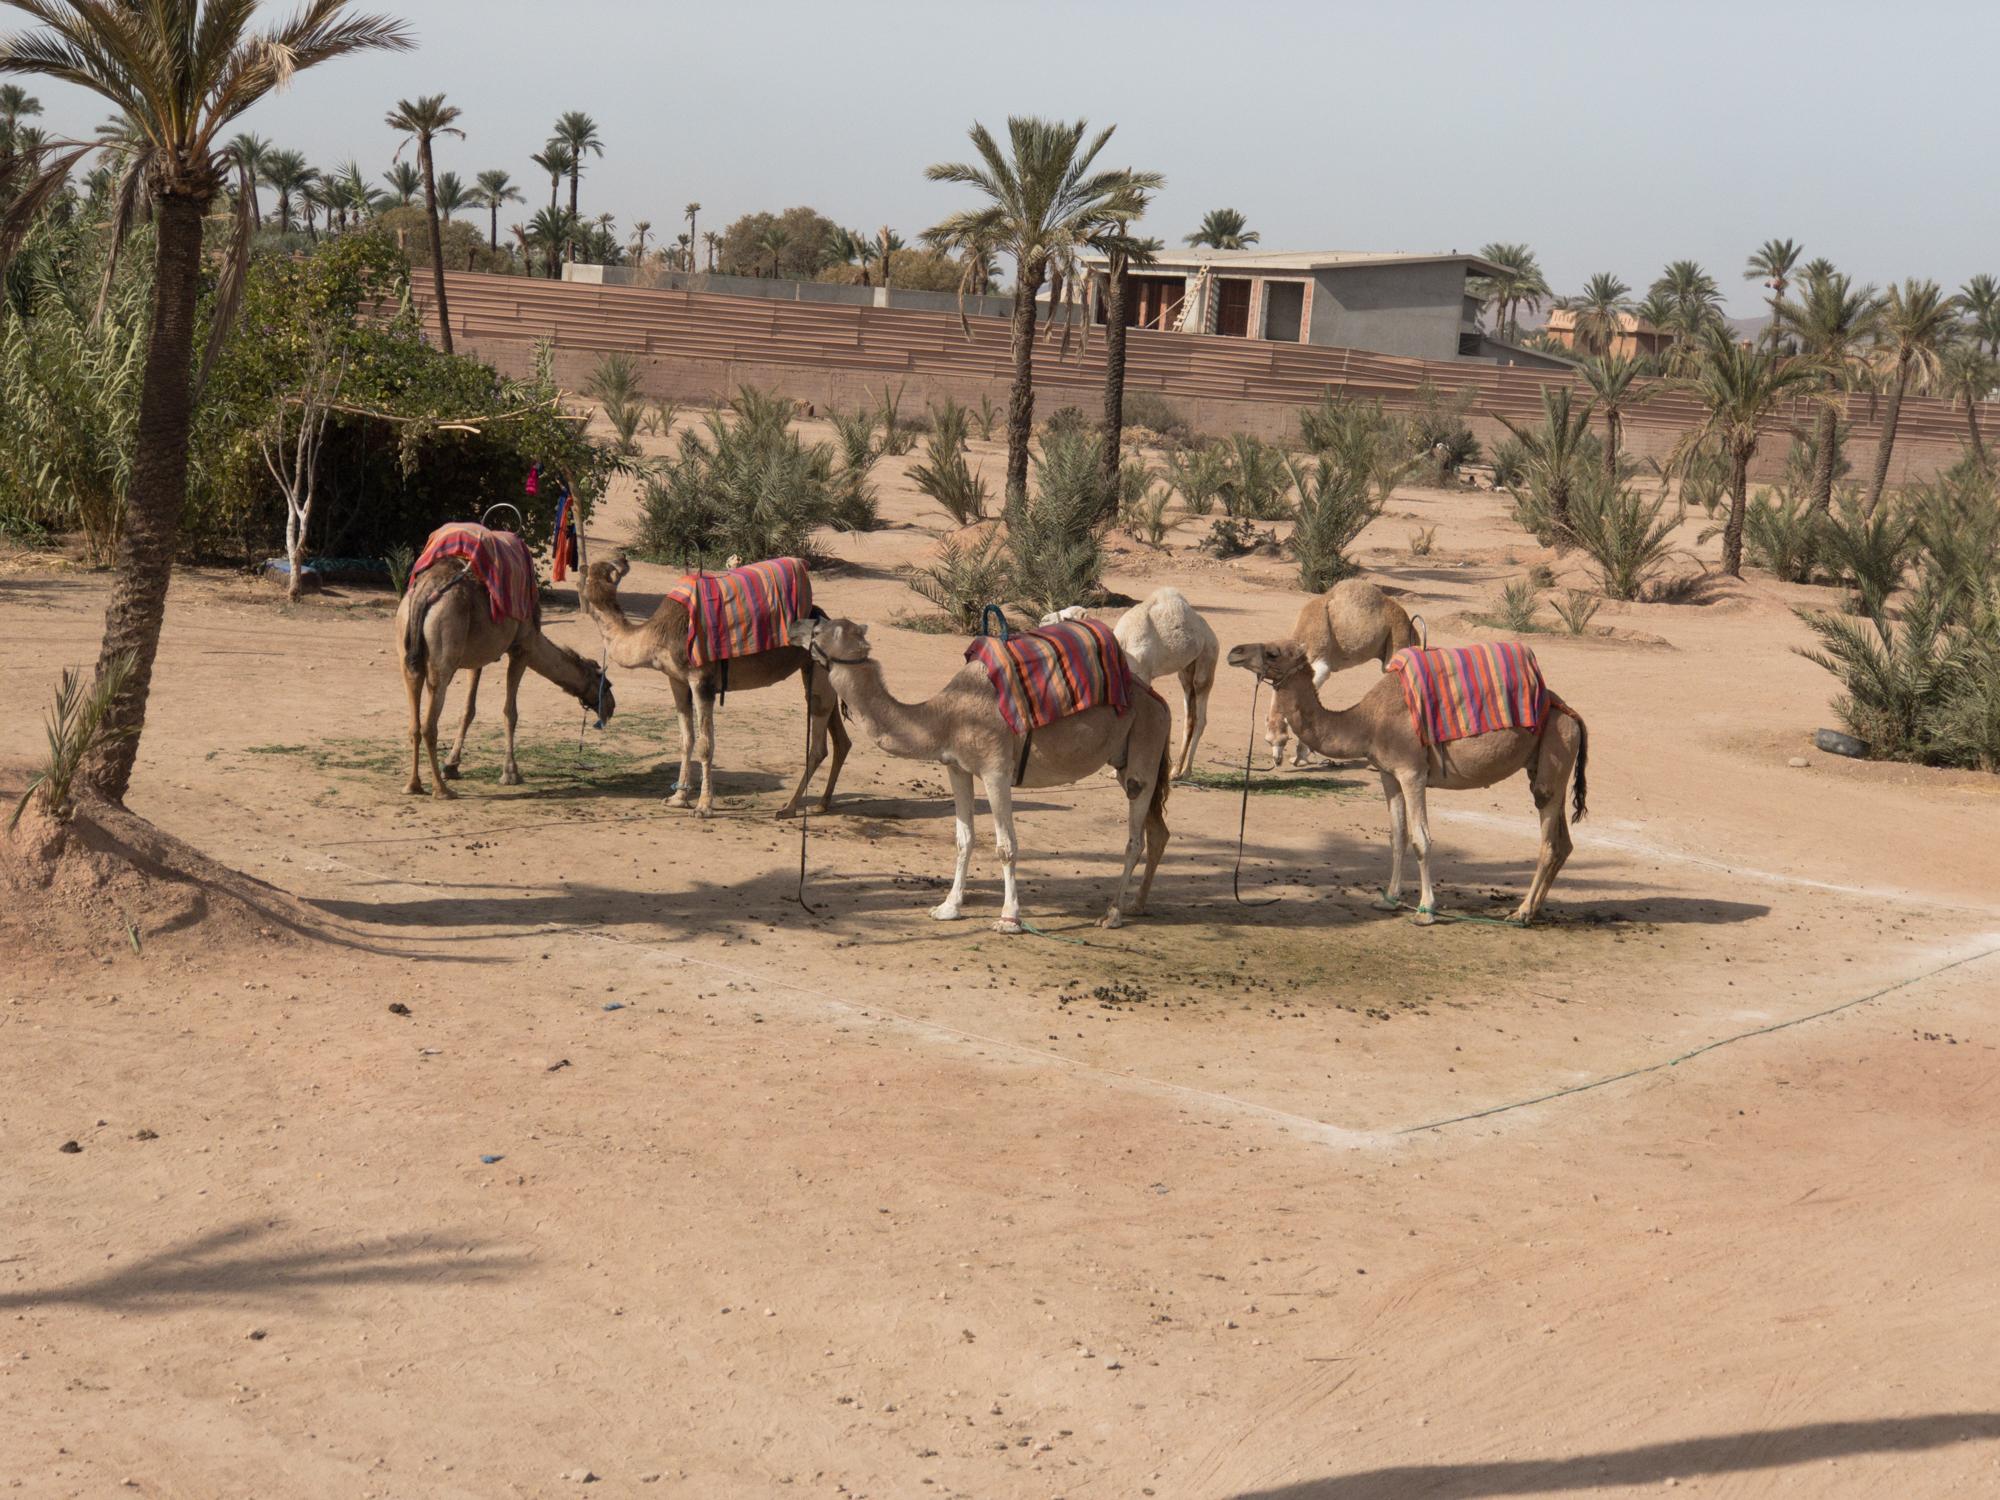 Marrakech_iPhone8+_Photos - Blog_Photos-41.jpg